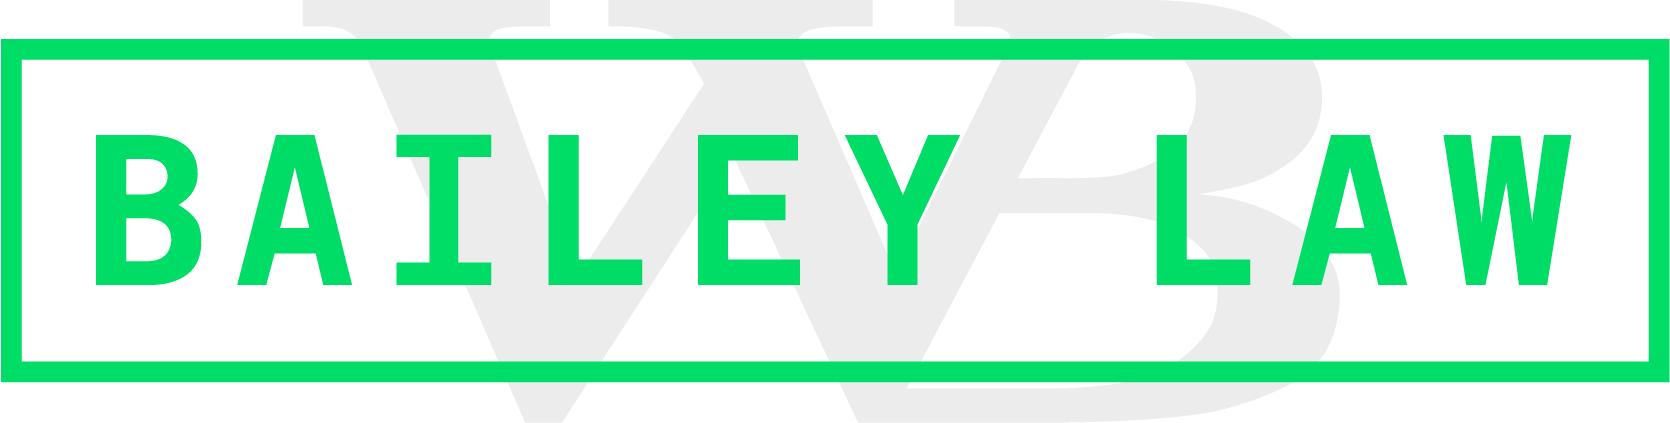 Bailey Law WB logo medium.jpg